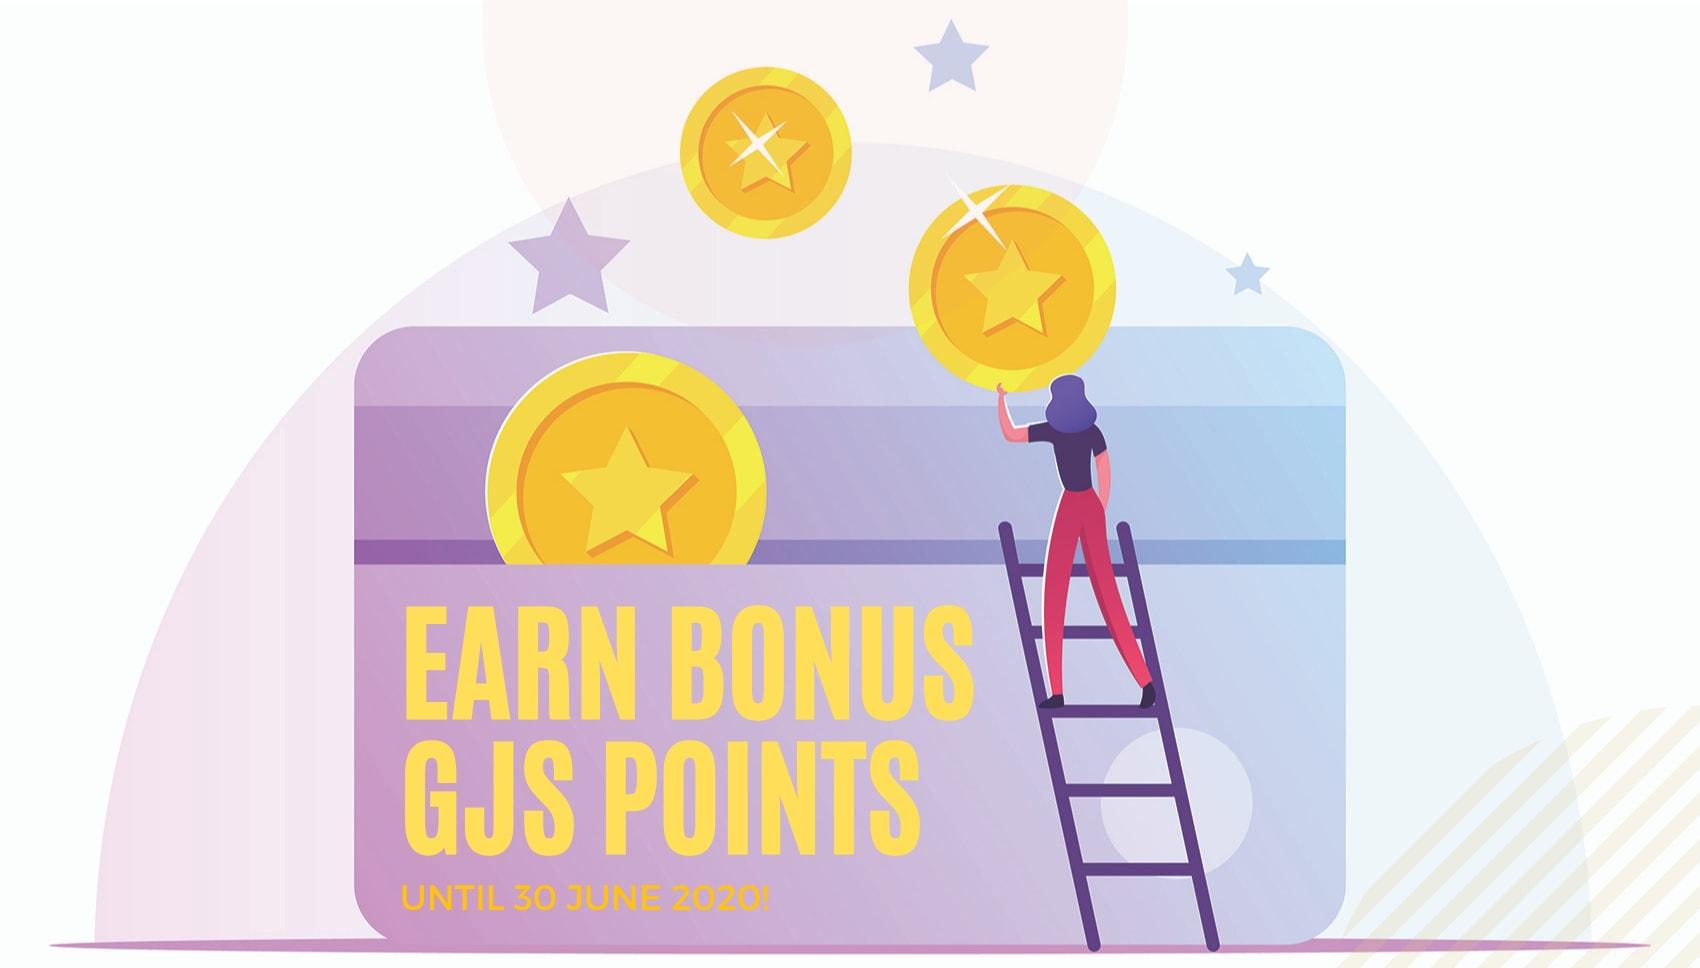 Earn bonus GJS points until 30 June